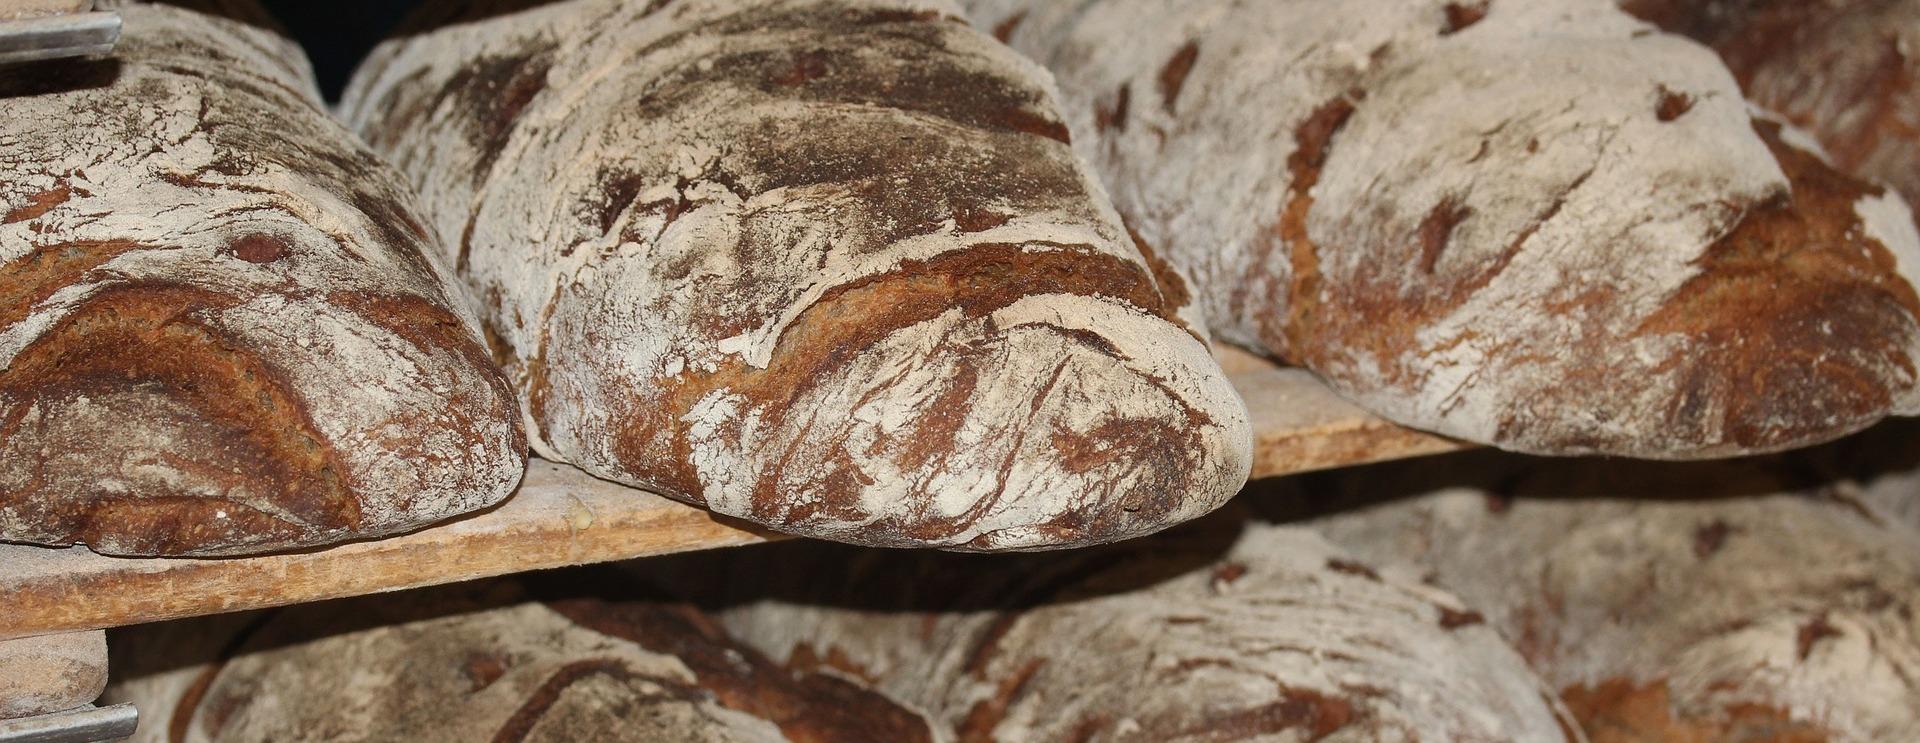 В России появится производство полезного хлеба